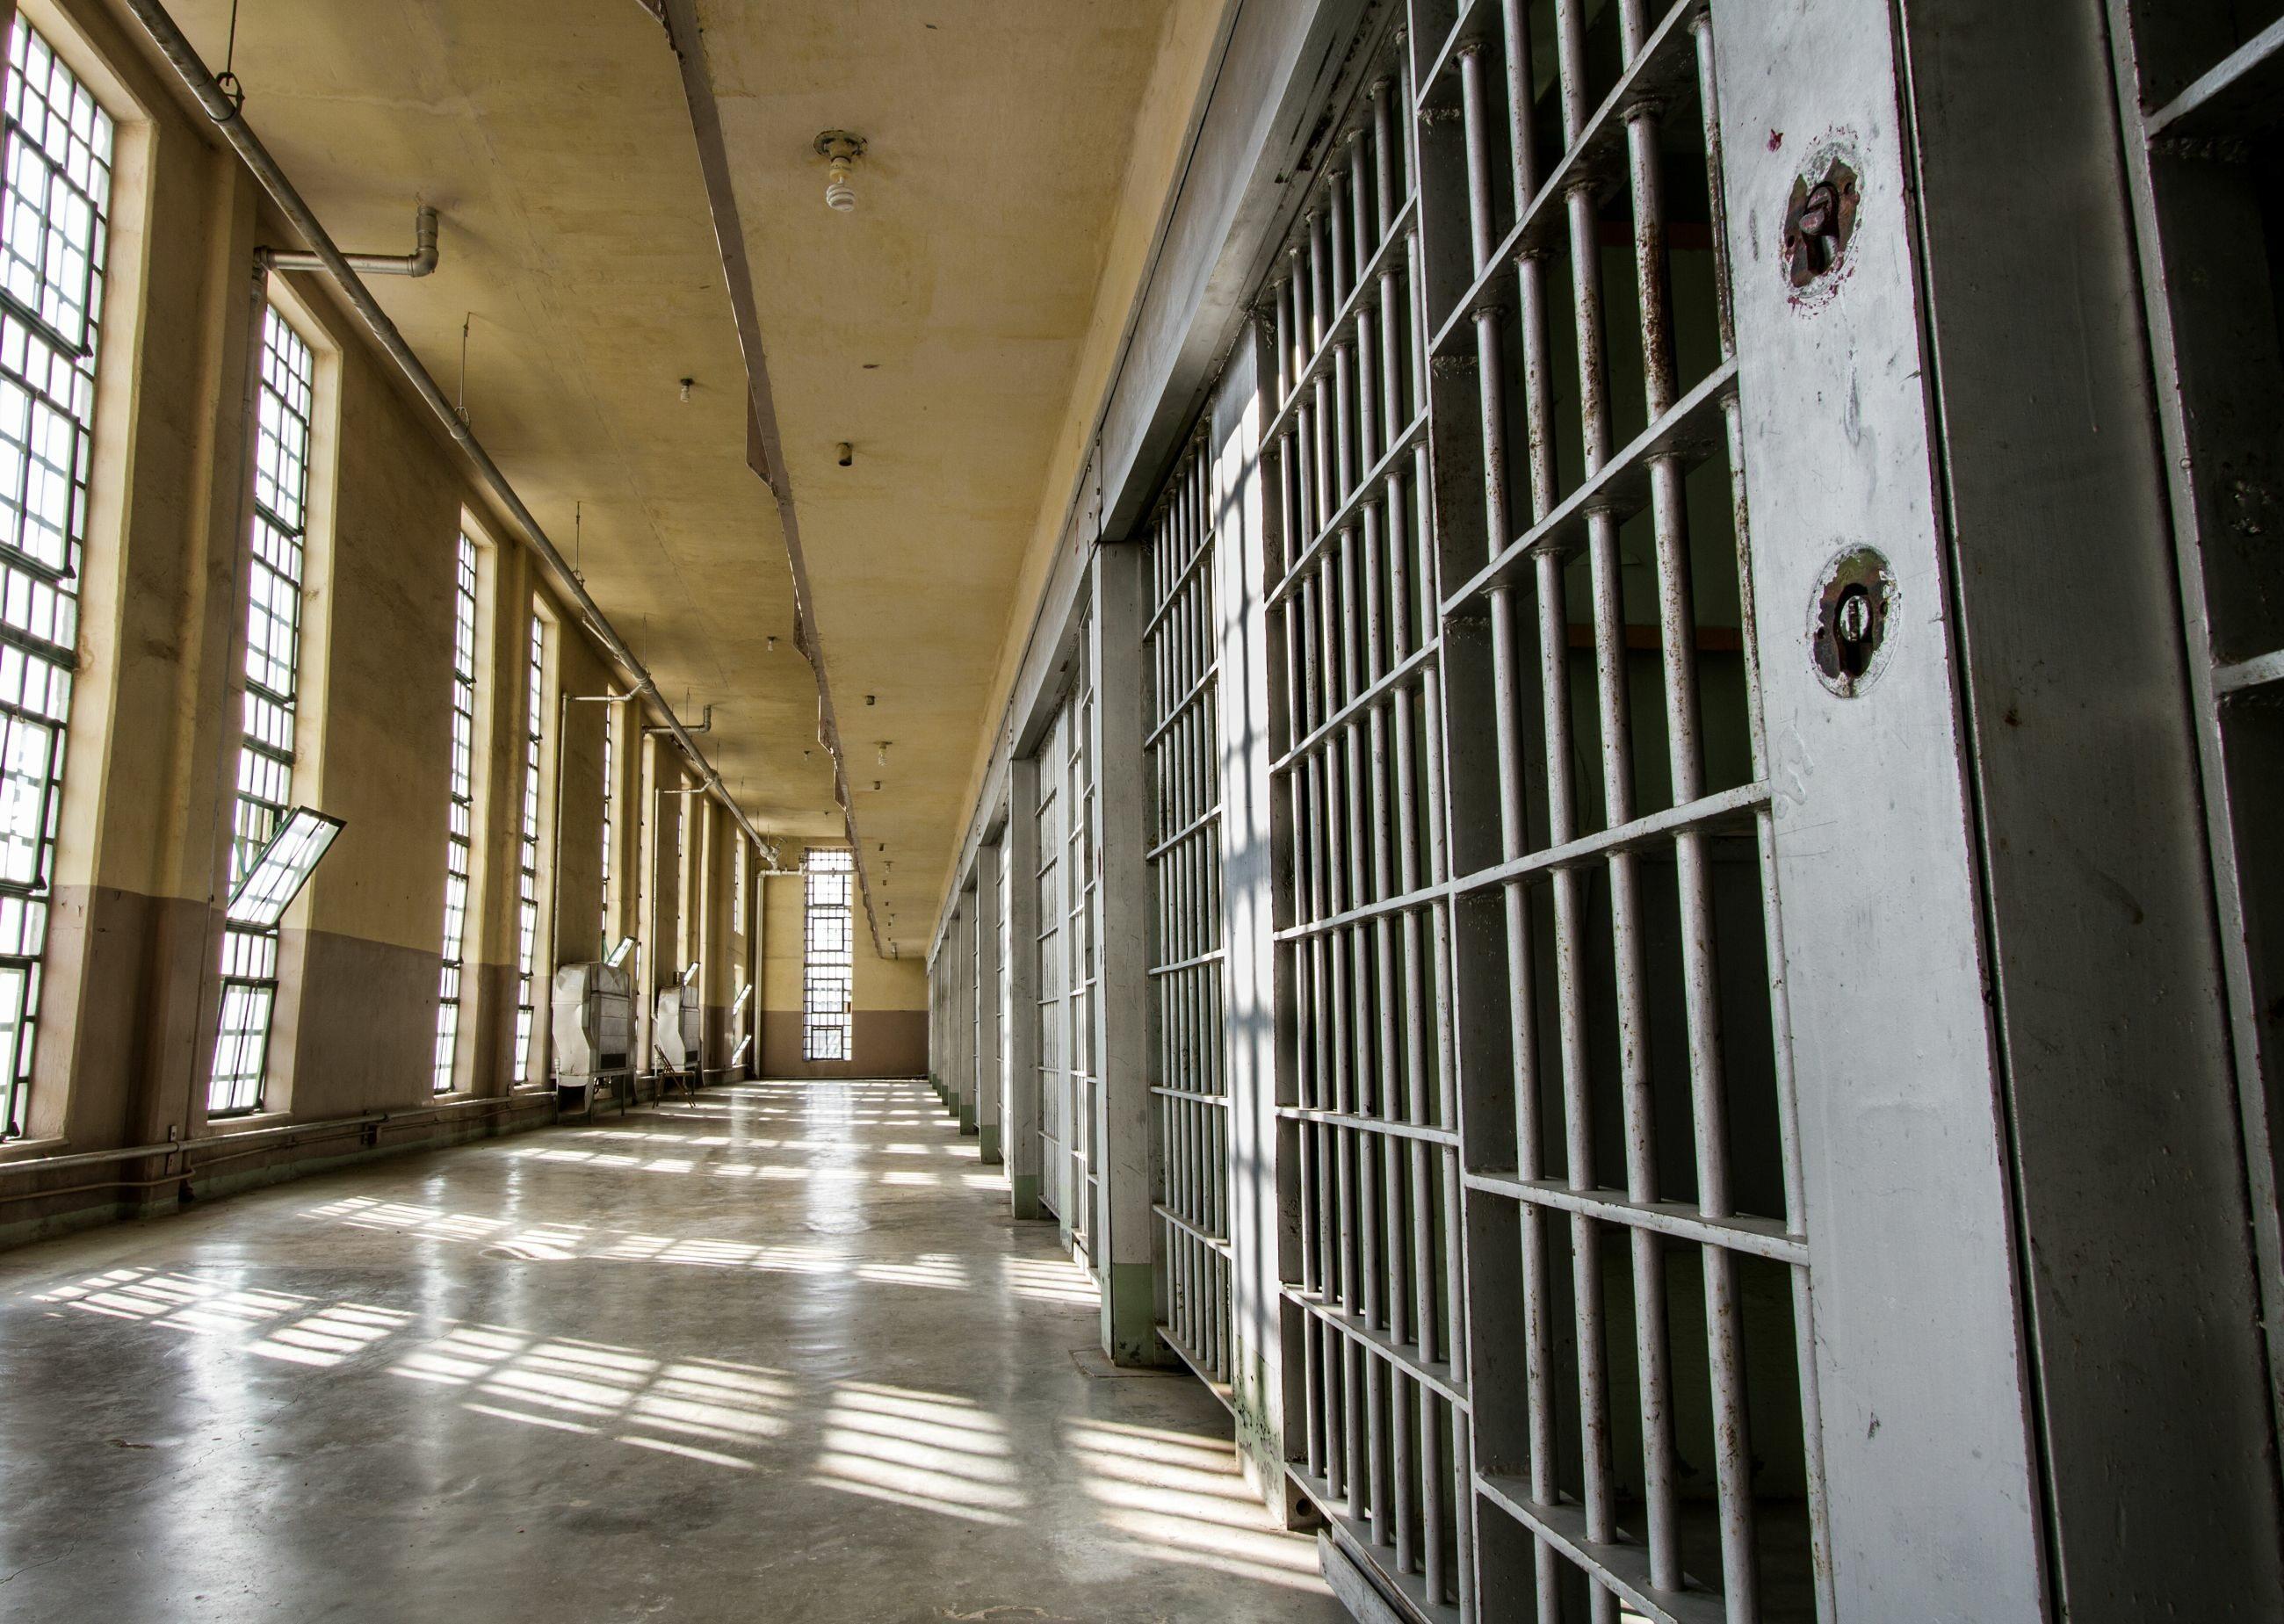 Więzienie, zdjęcie ilustracyjne